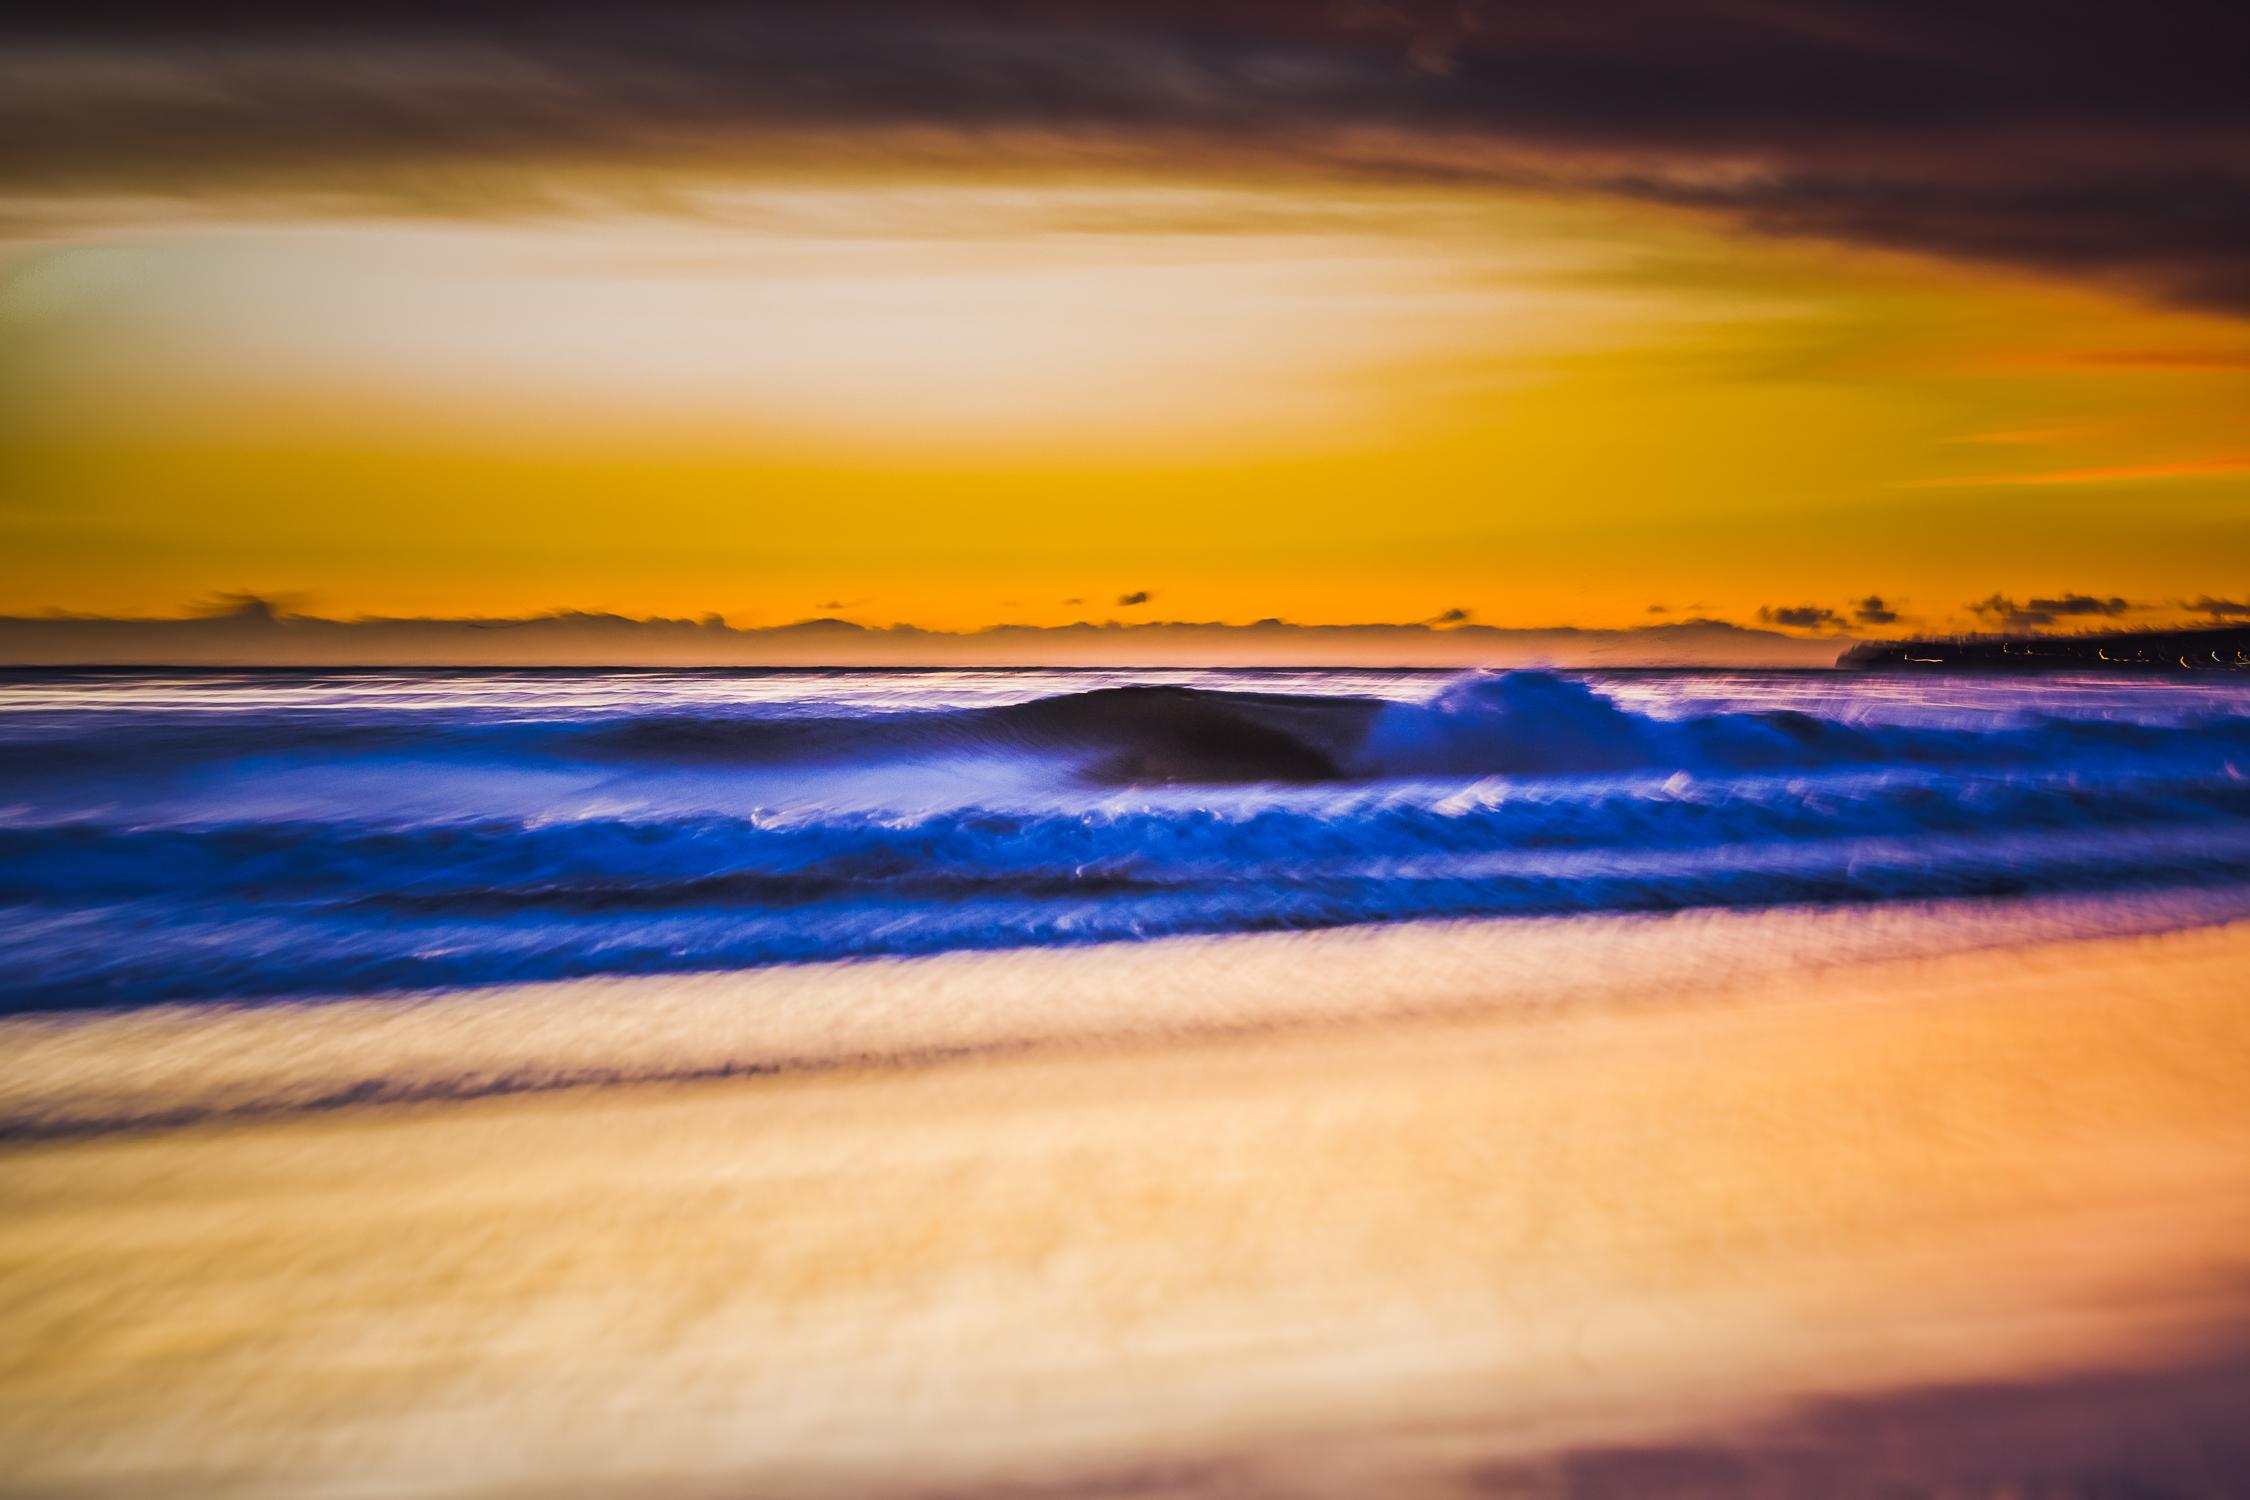 Conway_blur_california_1500_29.jpg